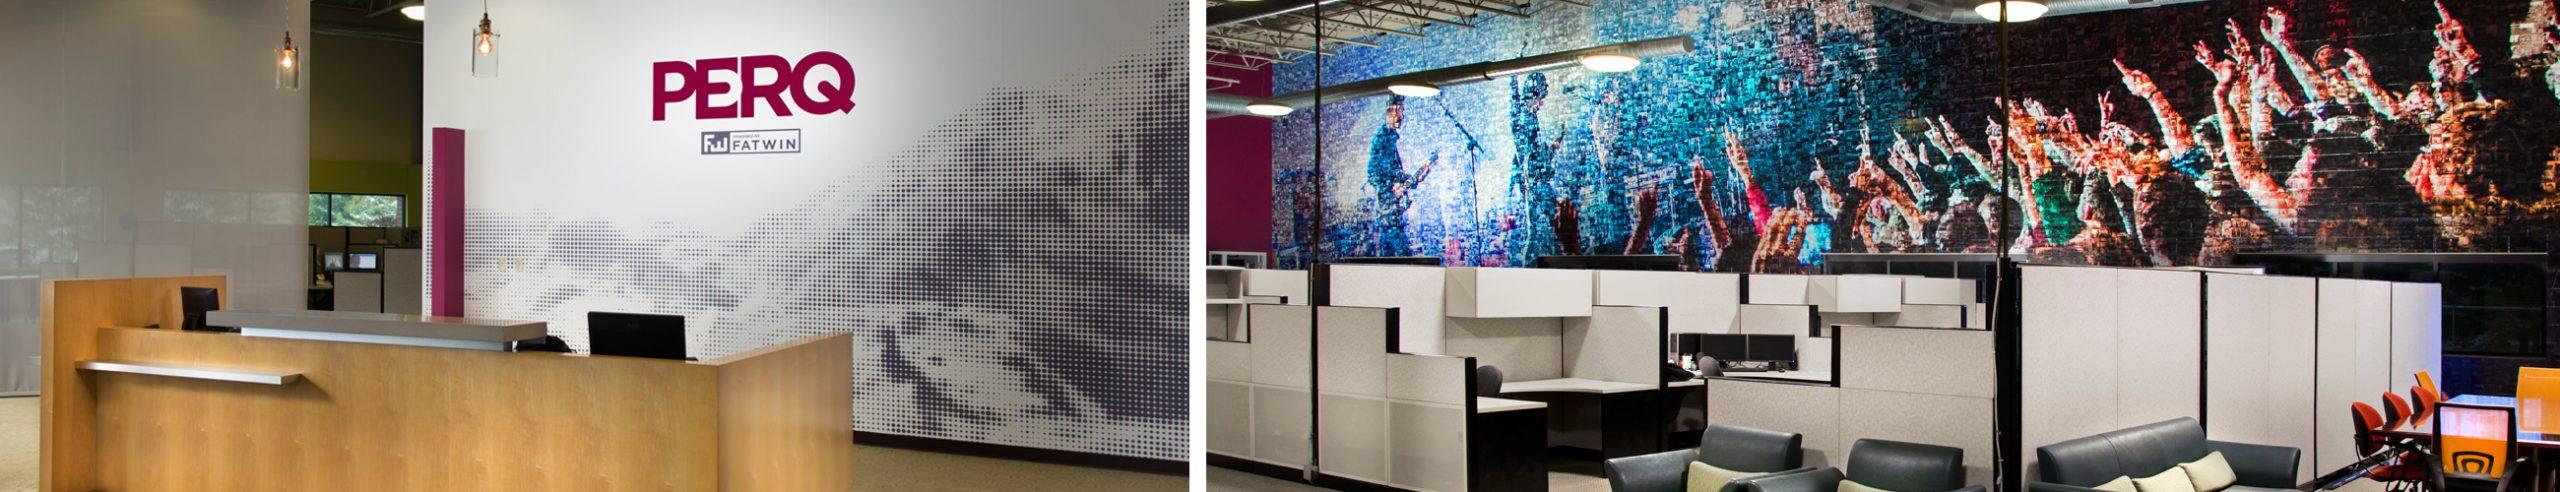 PERQ interior office space